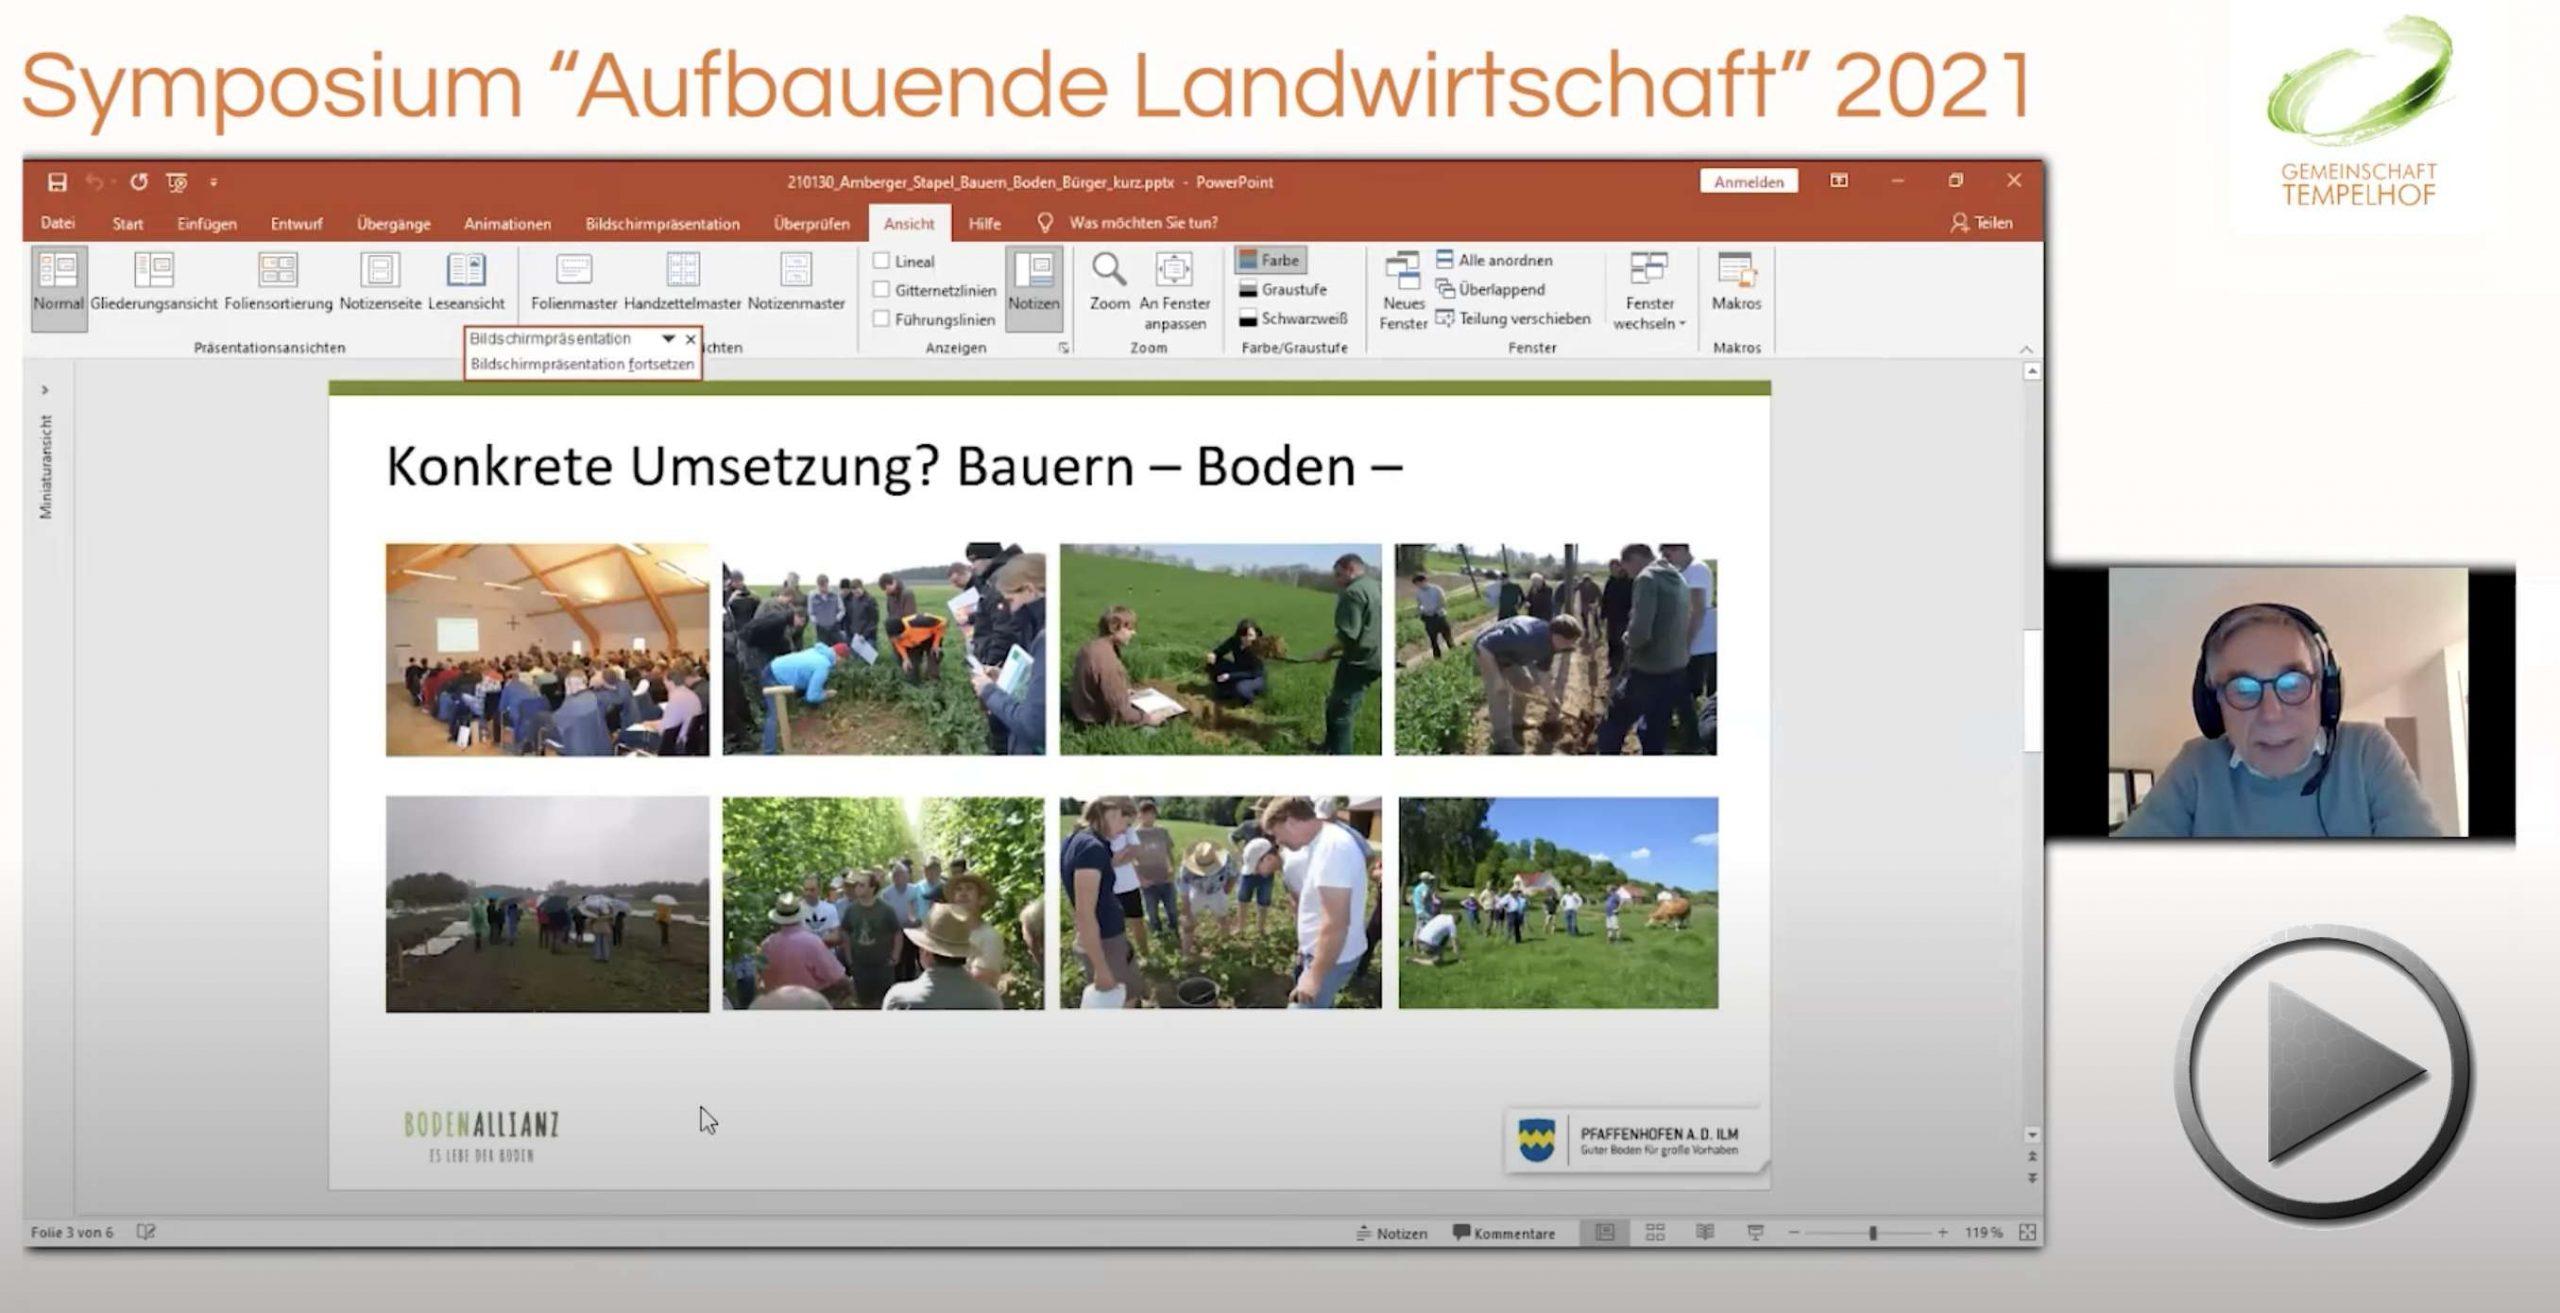 """Präsentation: Peter Stapel & Josef Amberger // Bodenallianz Pfaffenhofen // Symposium """"Aufbauende Landwirtschaft"""" 2022"""